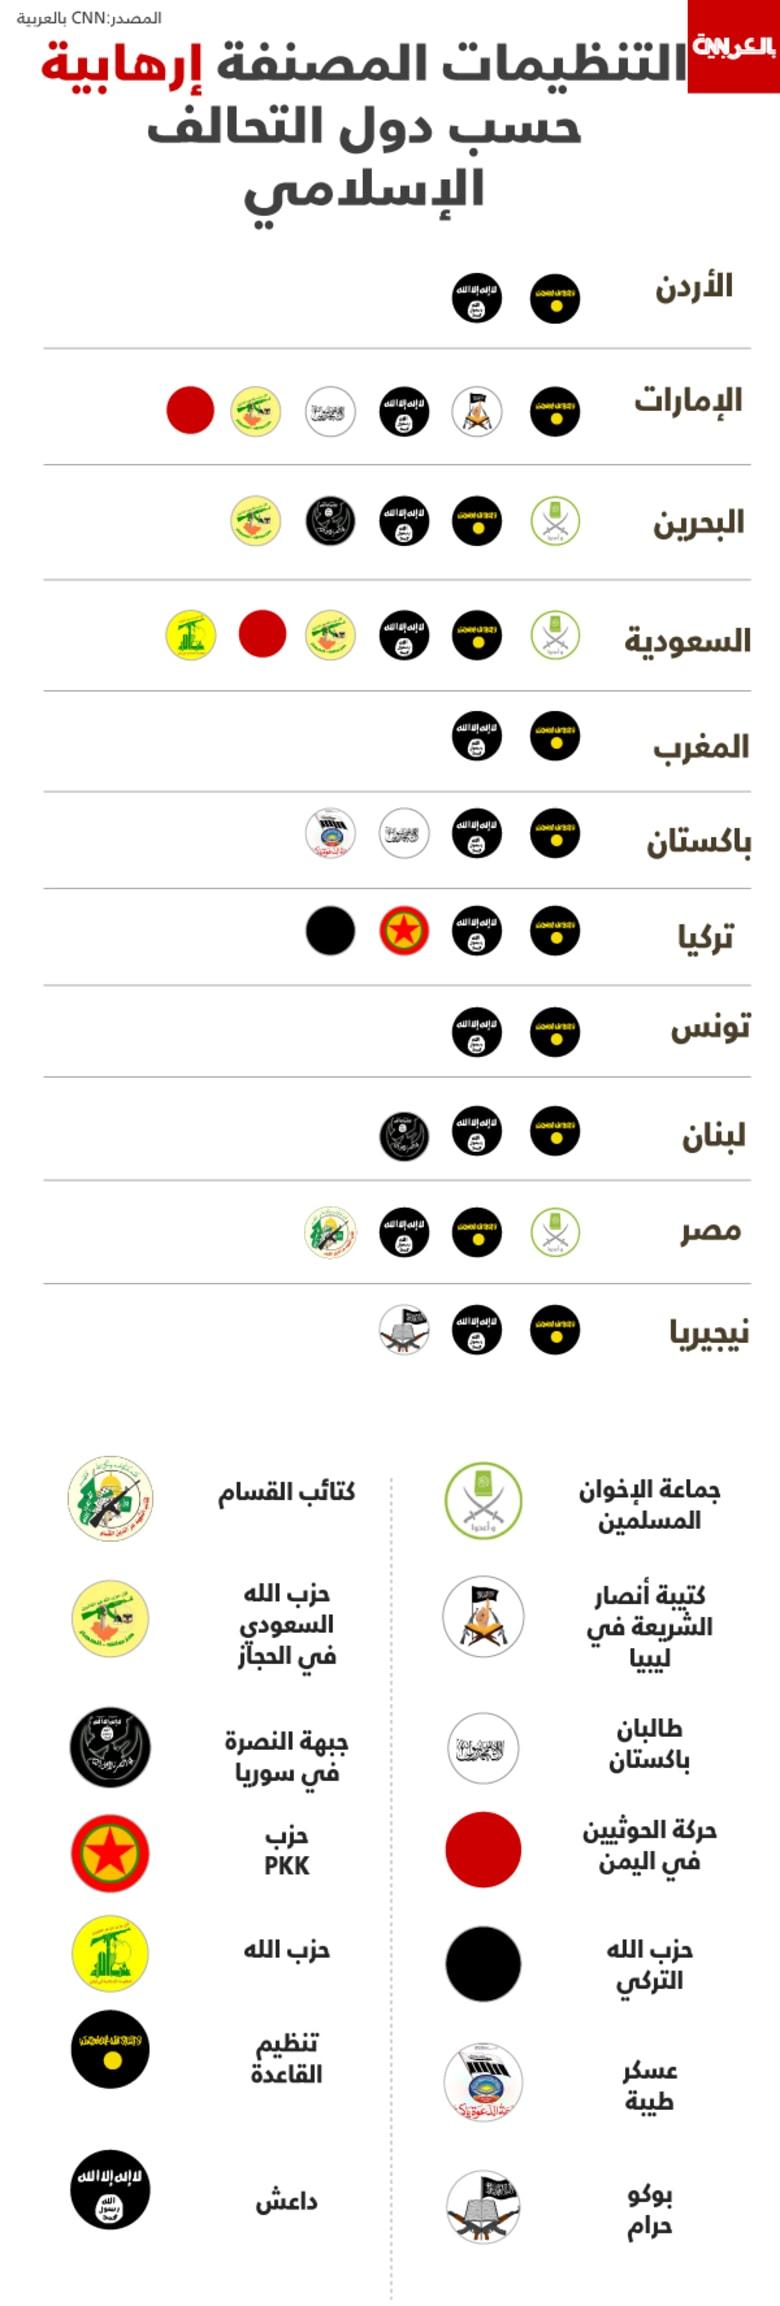 """انفوجرافيك.. من هم """"الإرهابيون"""" بالنسبة للحلف الإسلامي؟.. الاتفاق على داعش والقاعدة واختلاف على حزب الله والإخوان"""